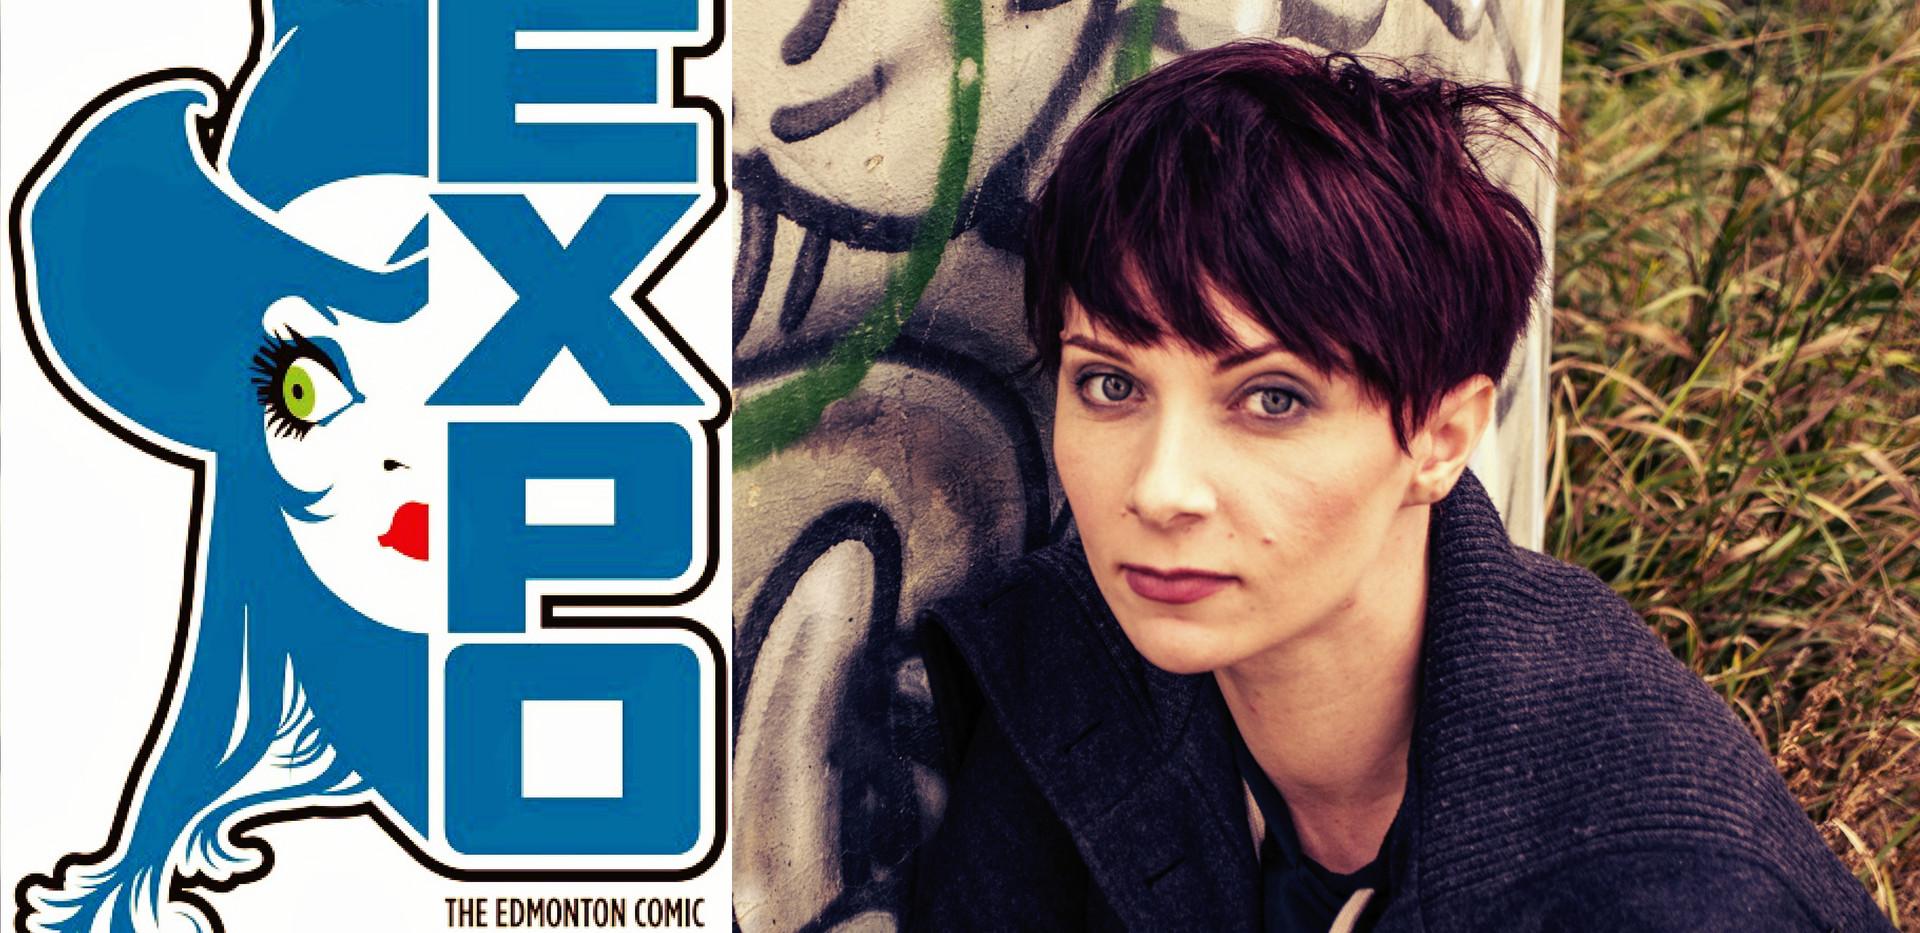 Edmonton Comic Expo poster